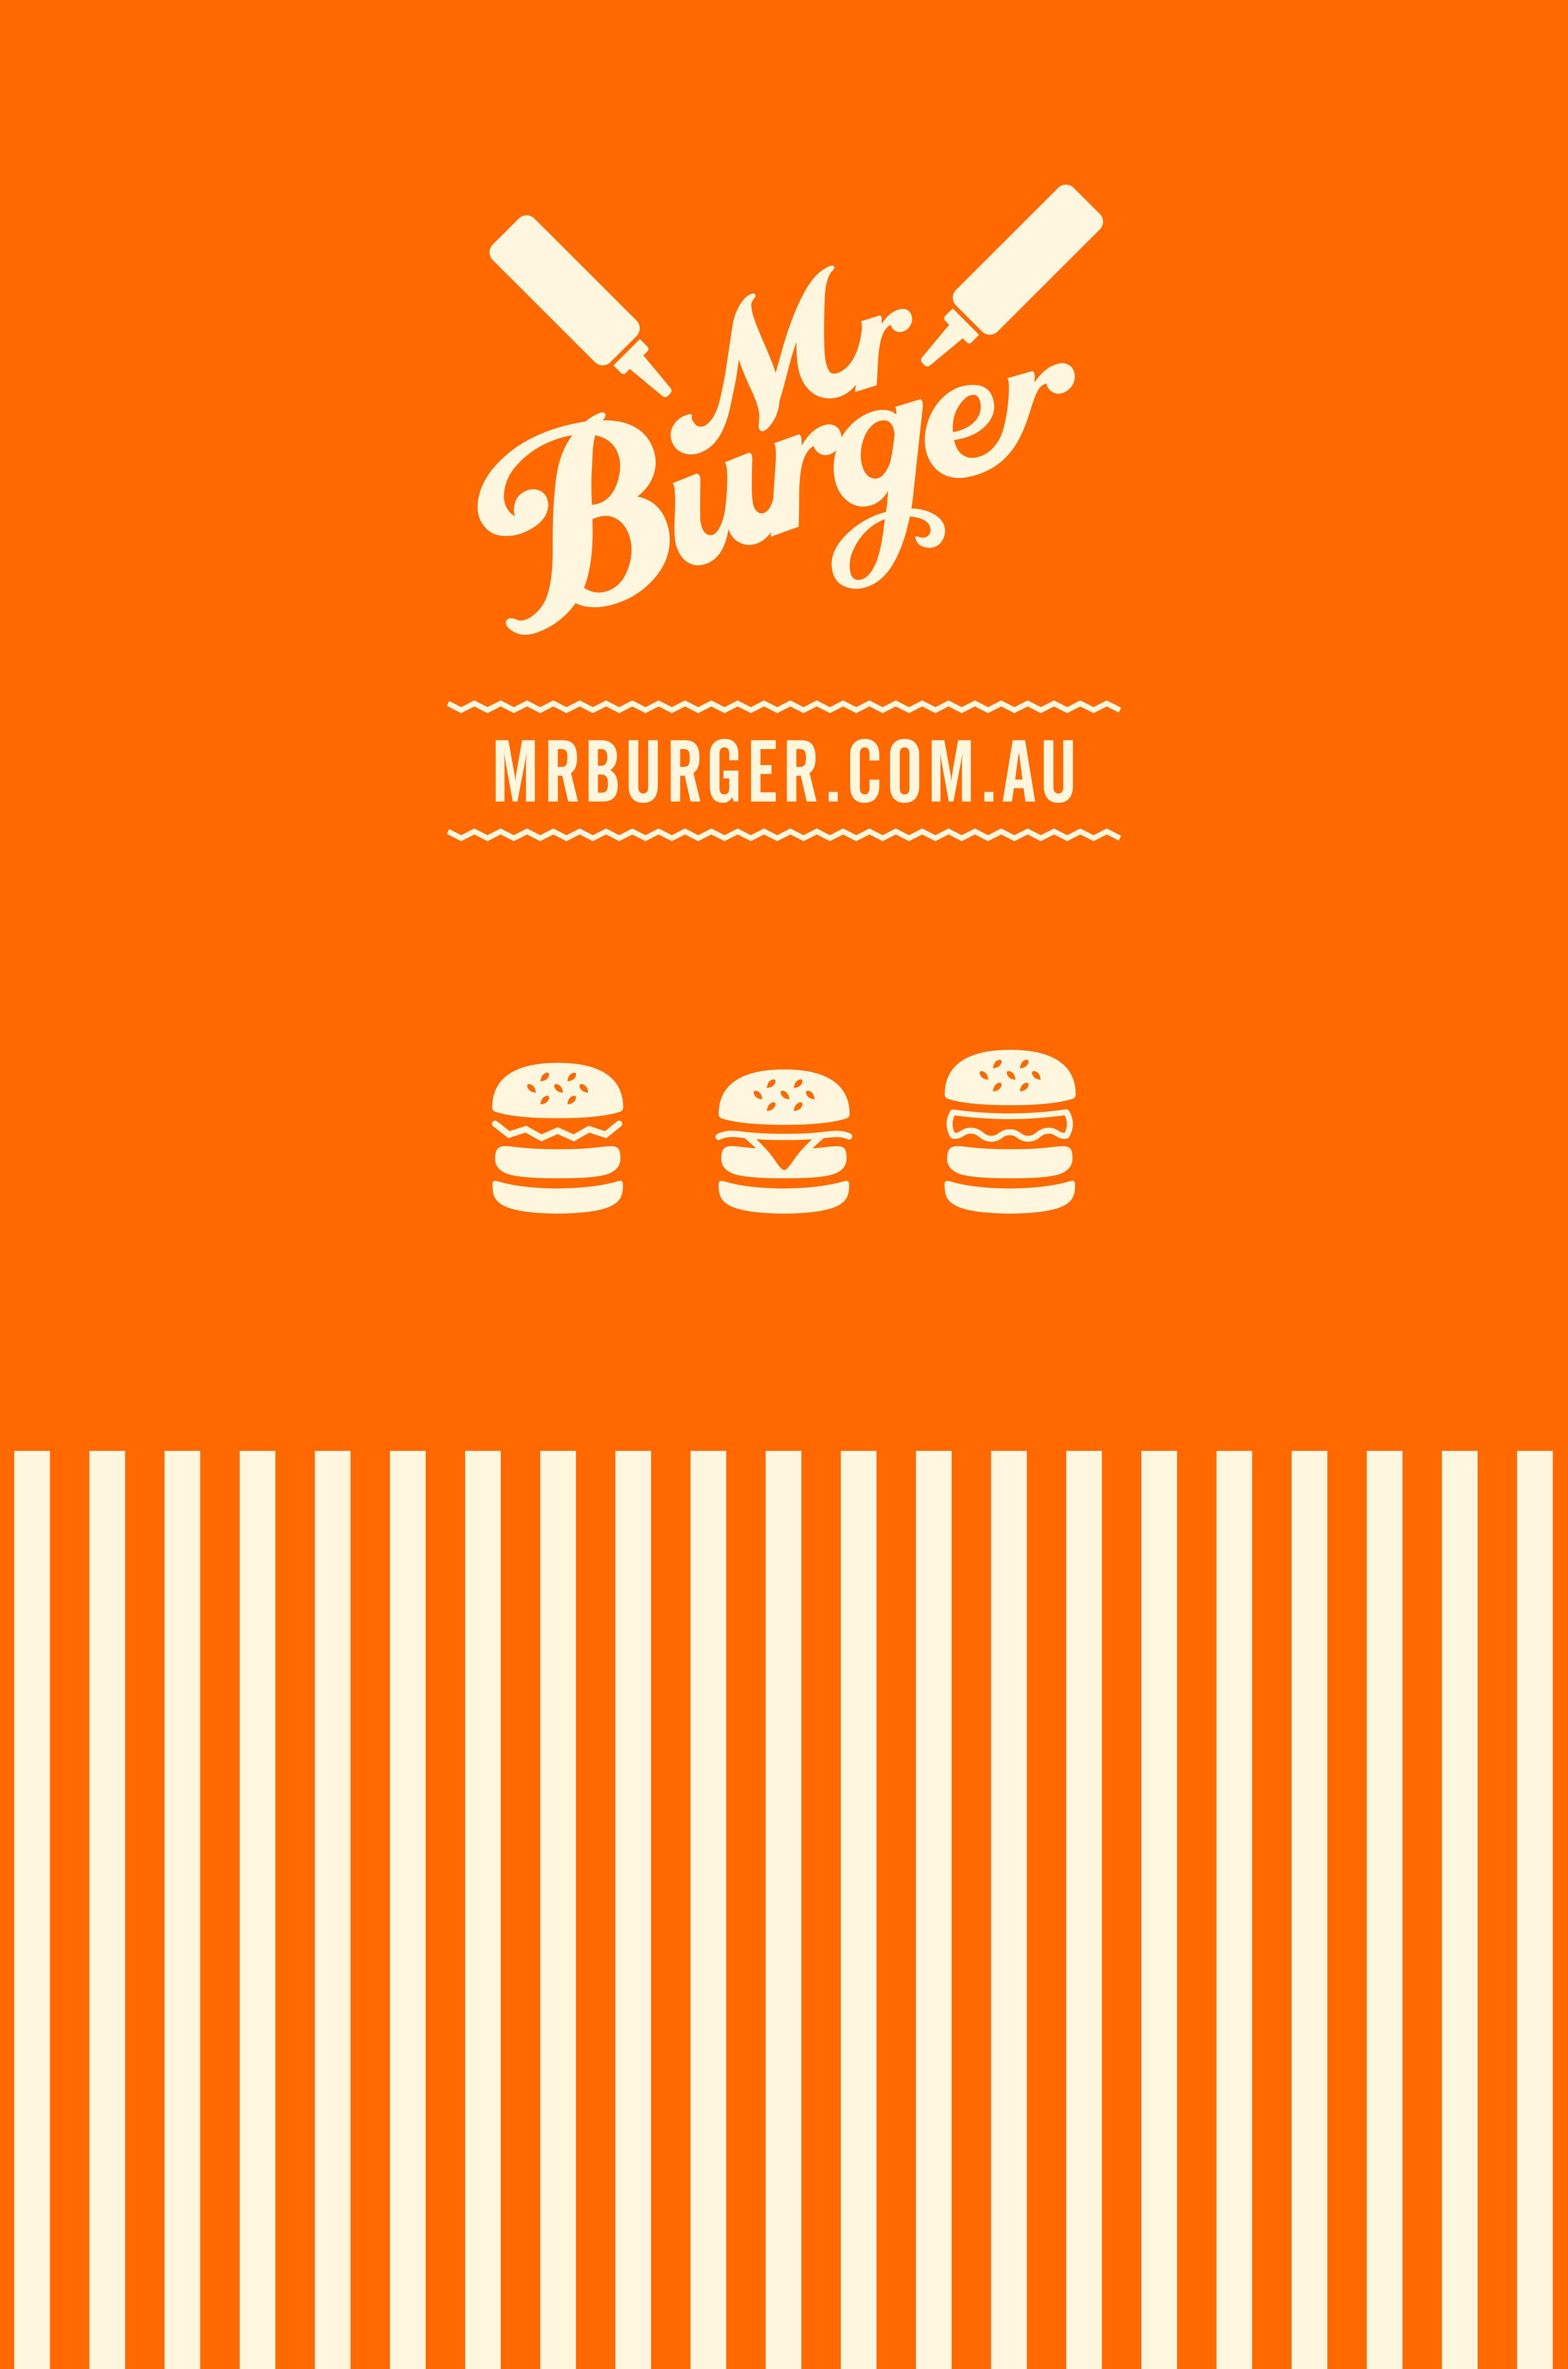 mr burger design logo inspiration pinterest burgers and logos